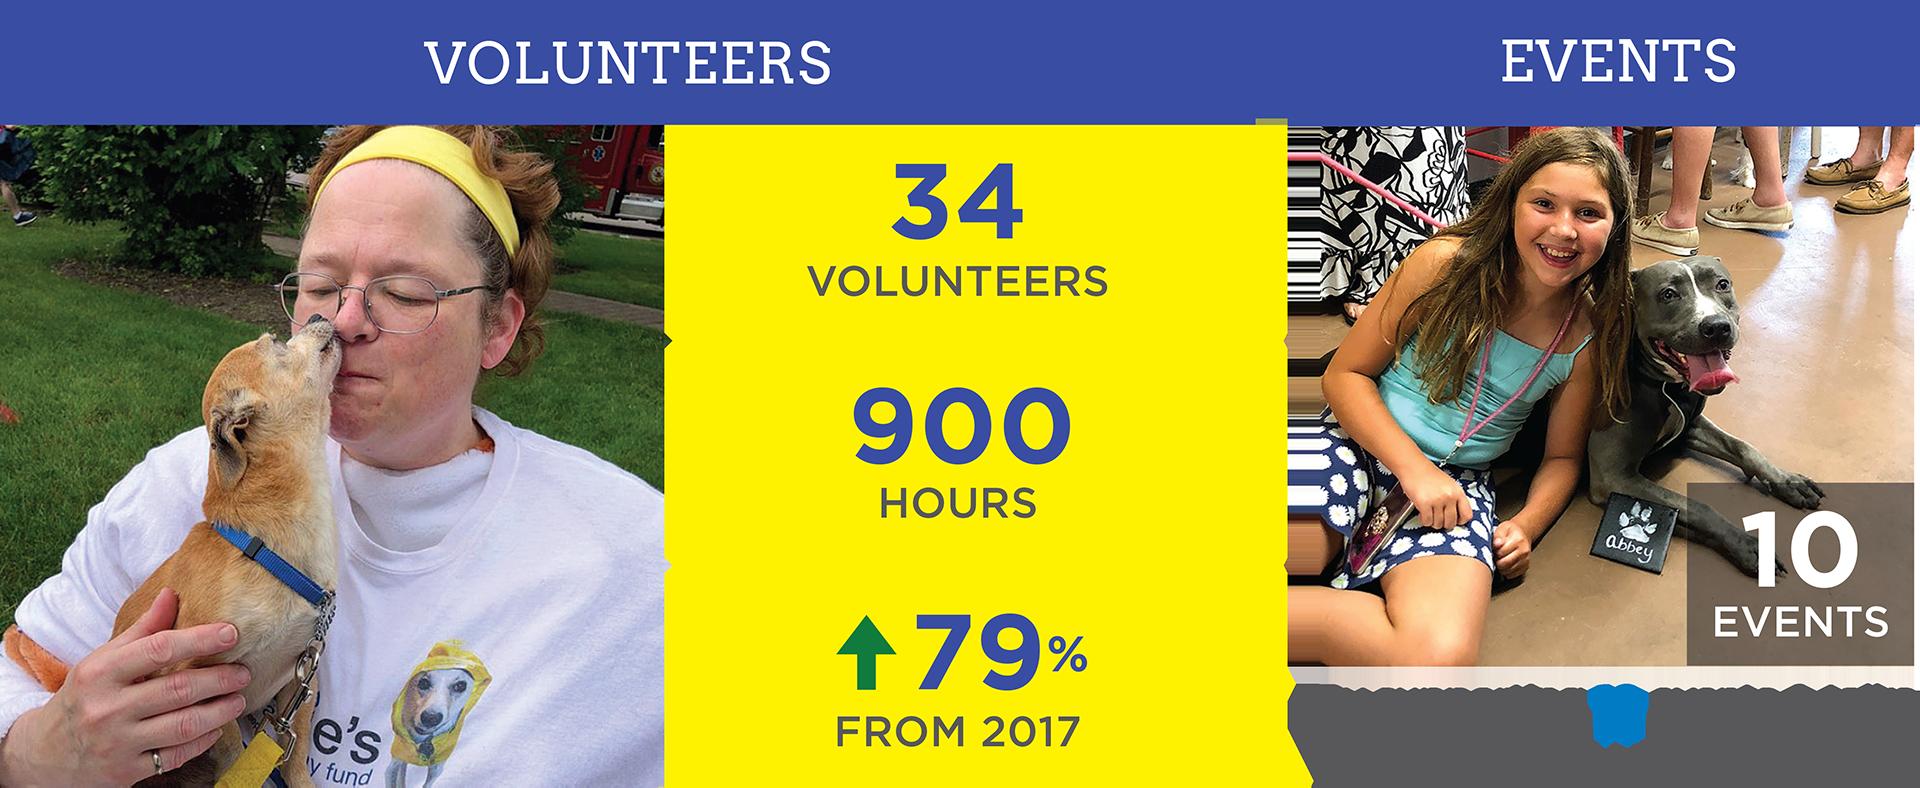 2018-ir-volunteers